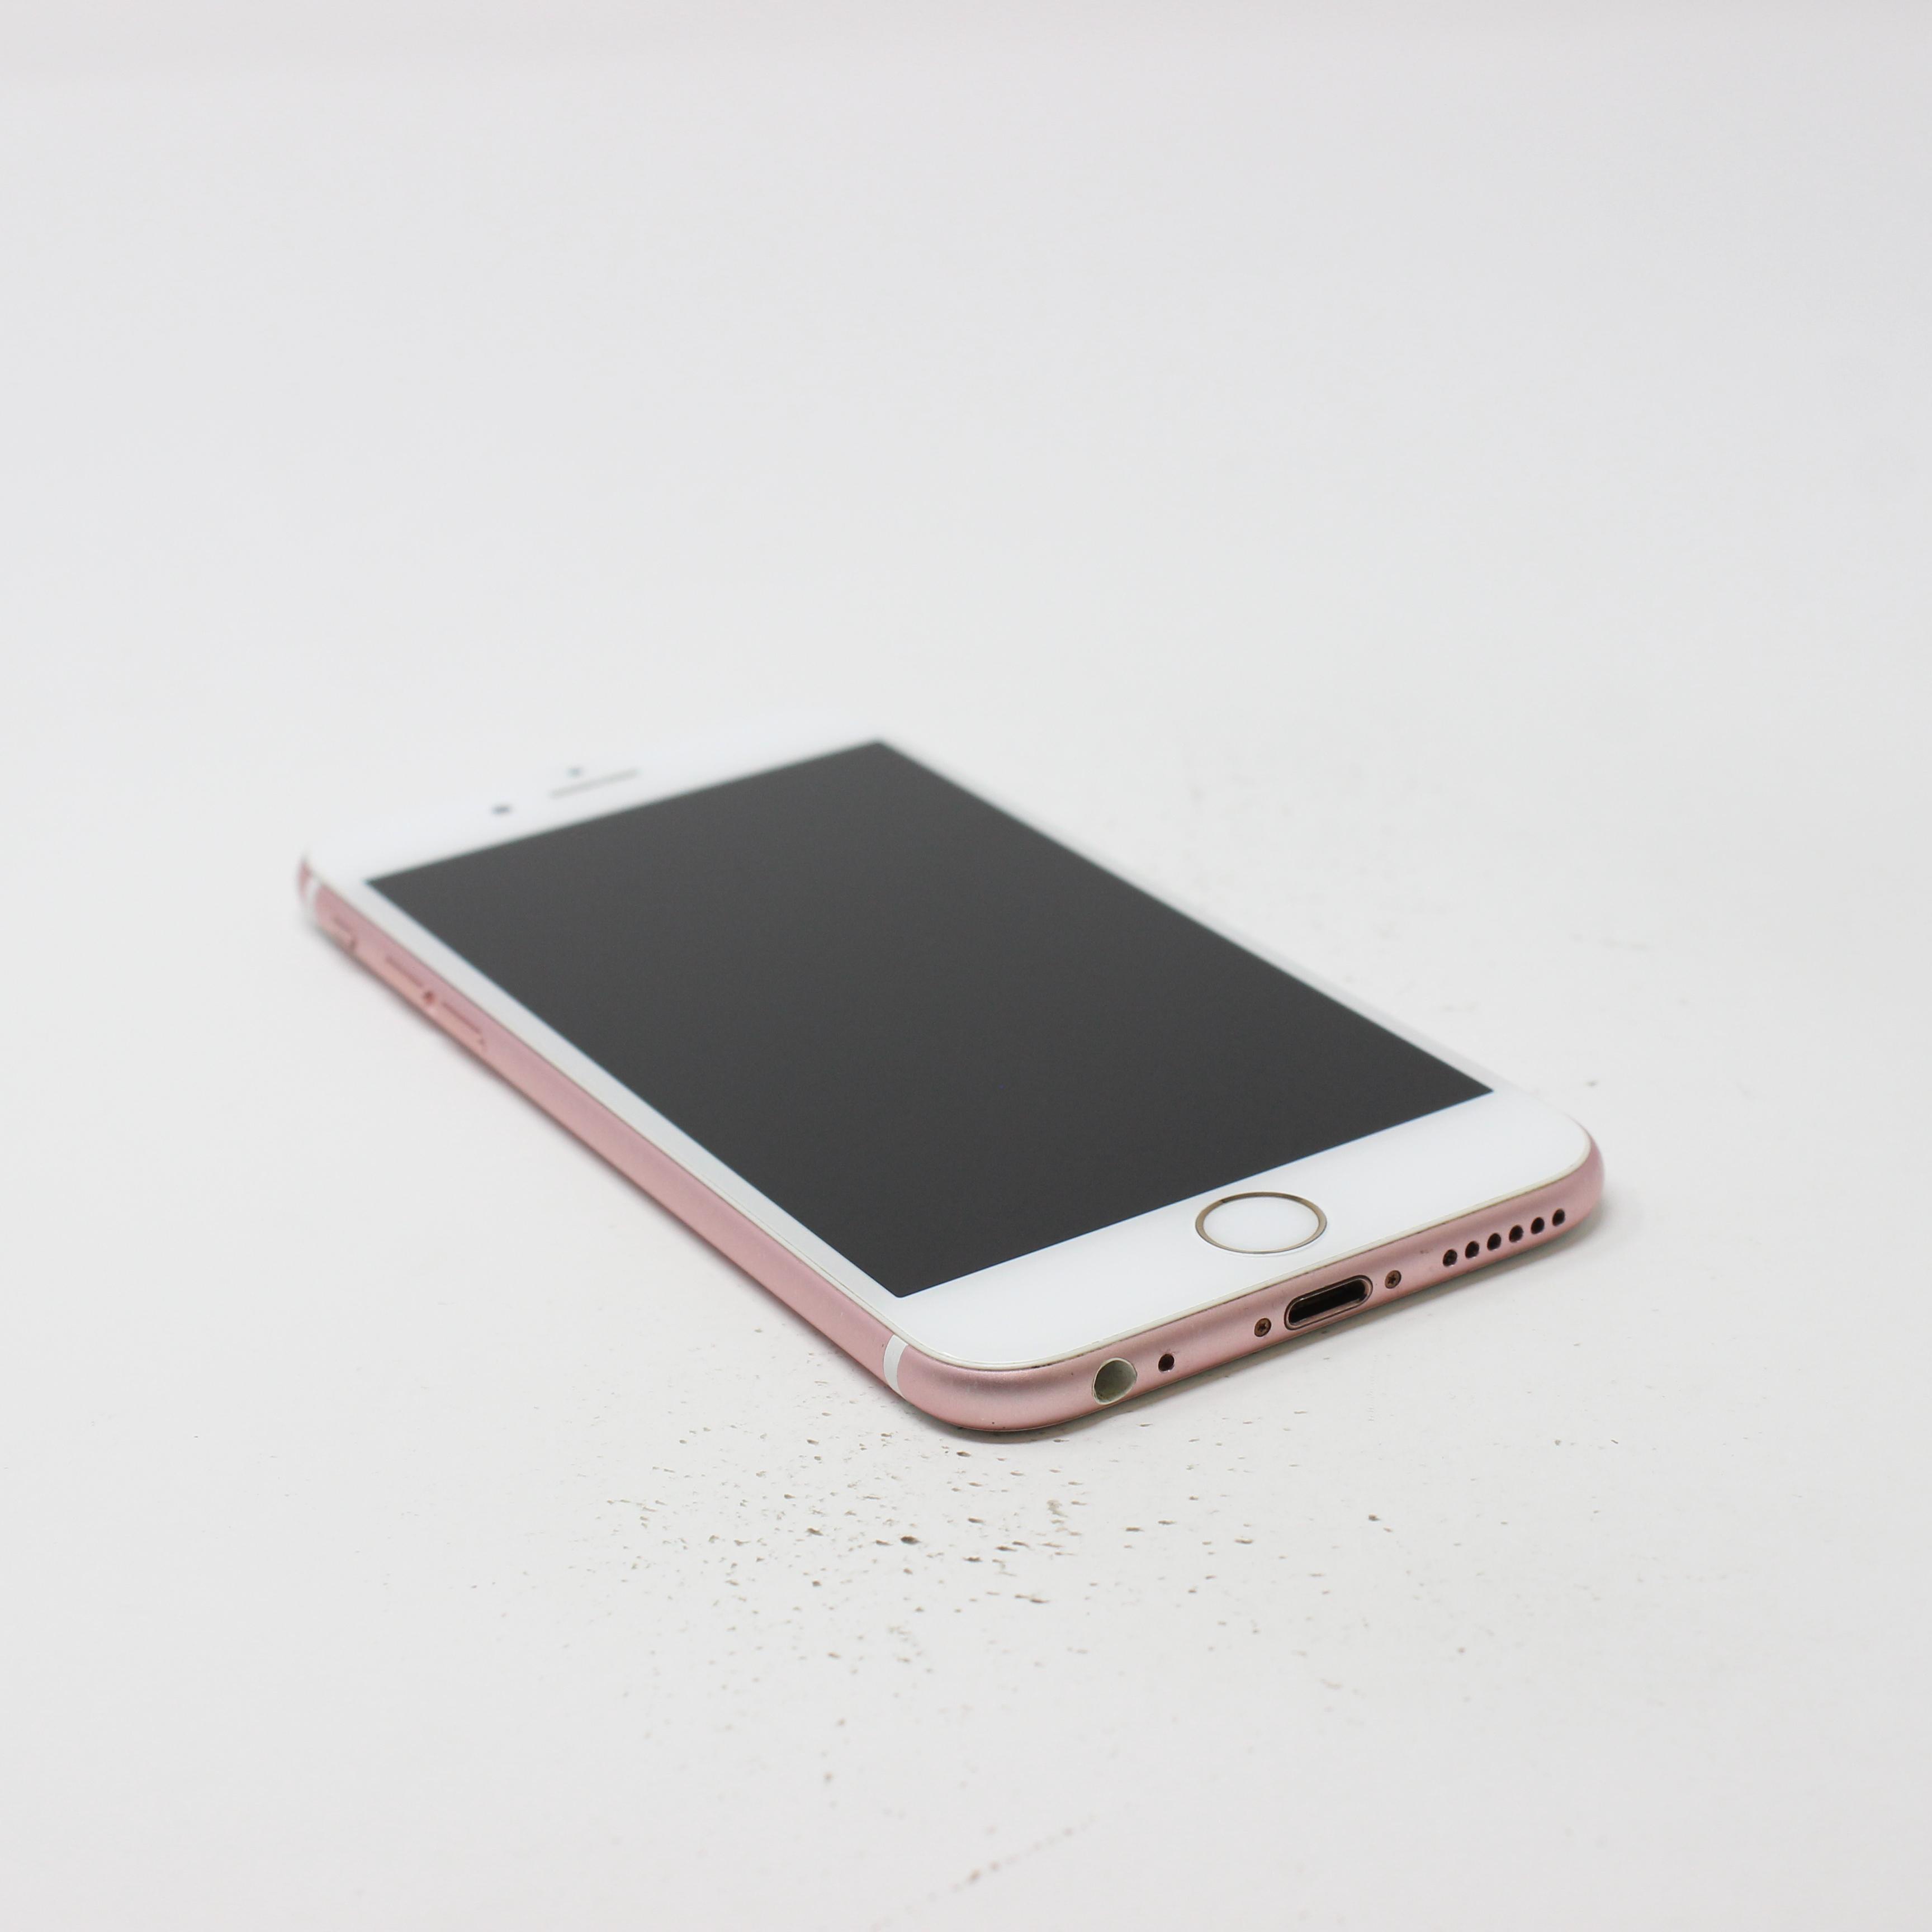 iPhone 6S 32GB Rose Gold - Verizon photo 5   UpTradeit.com